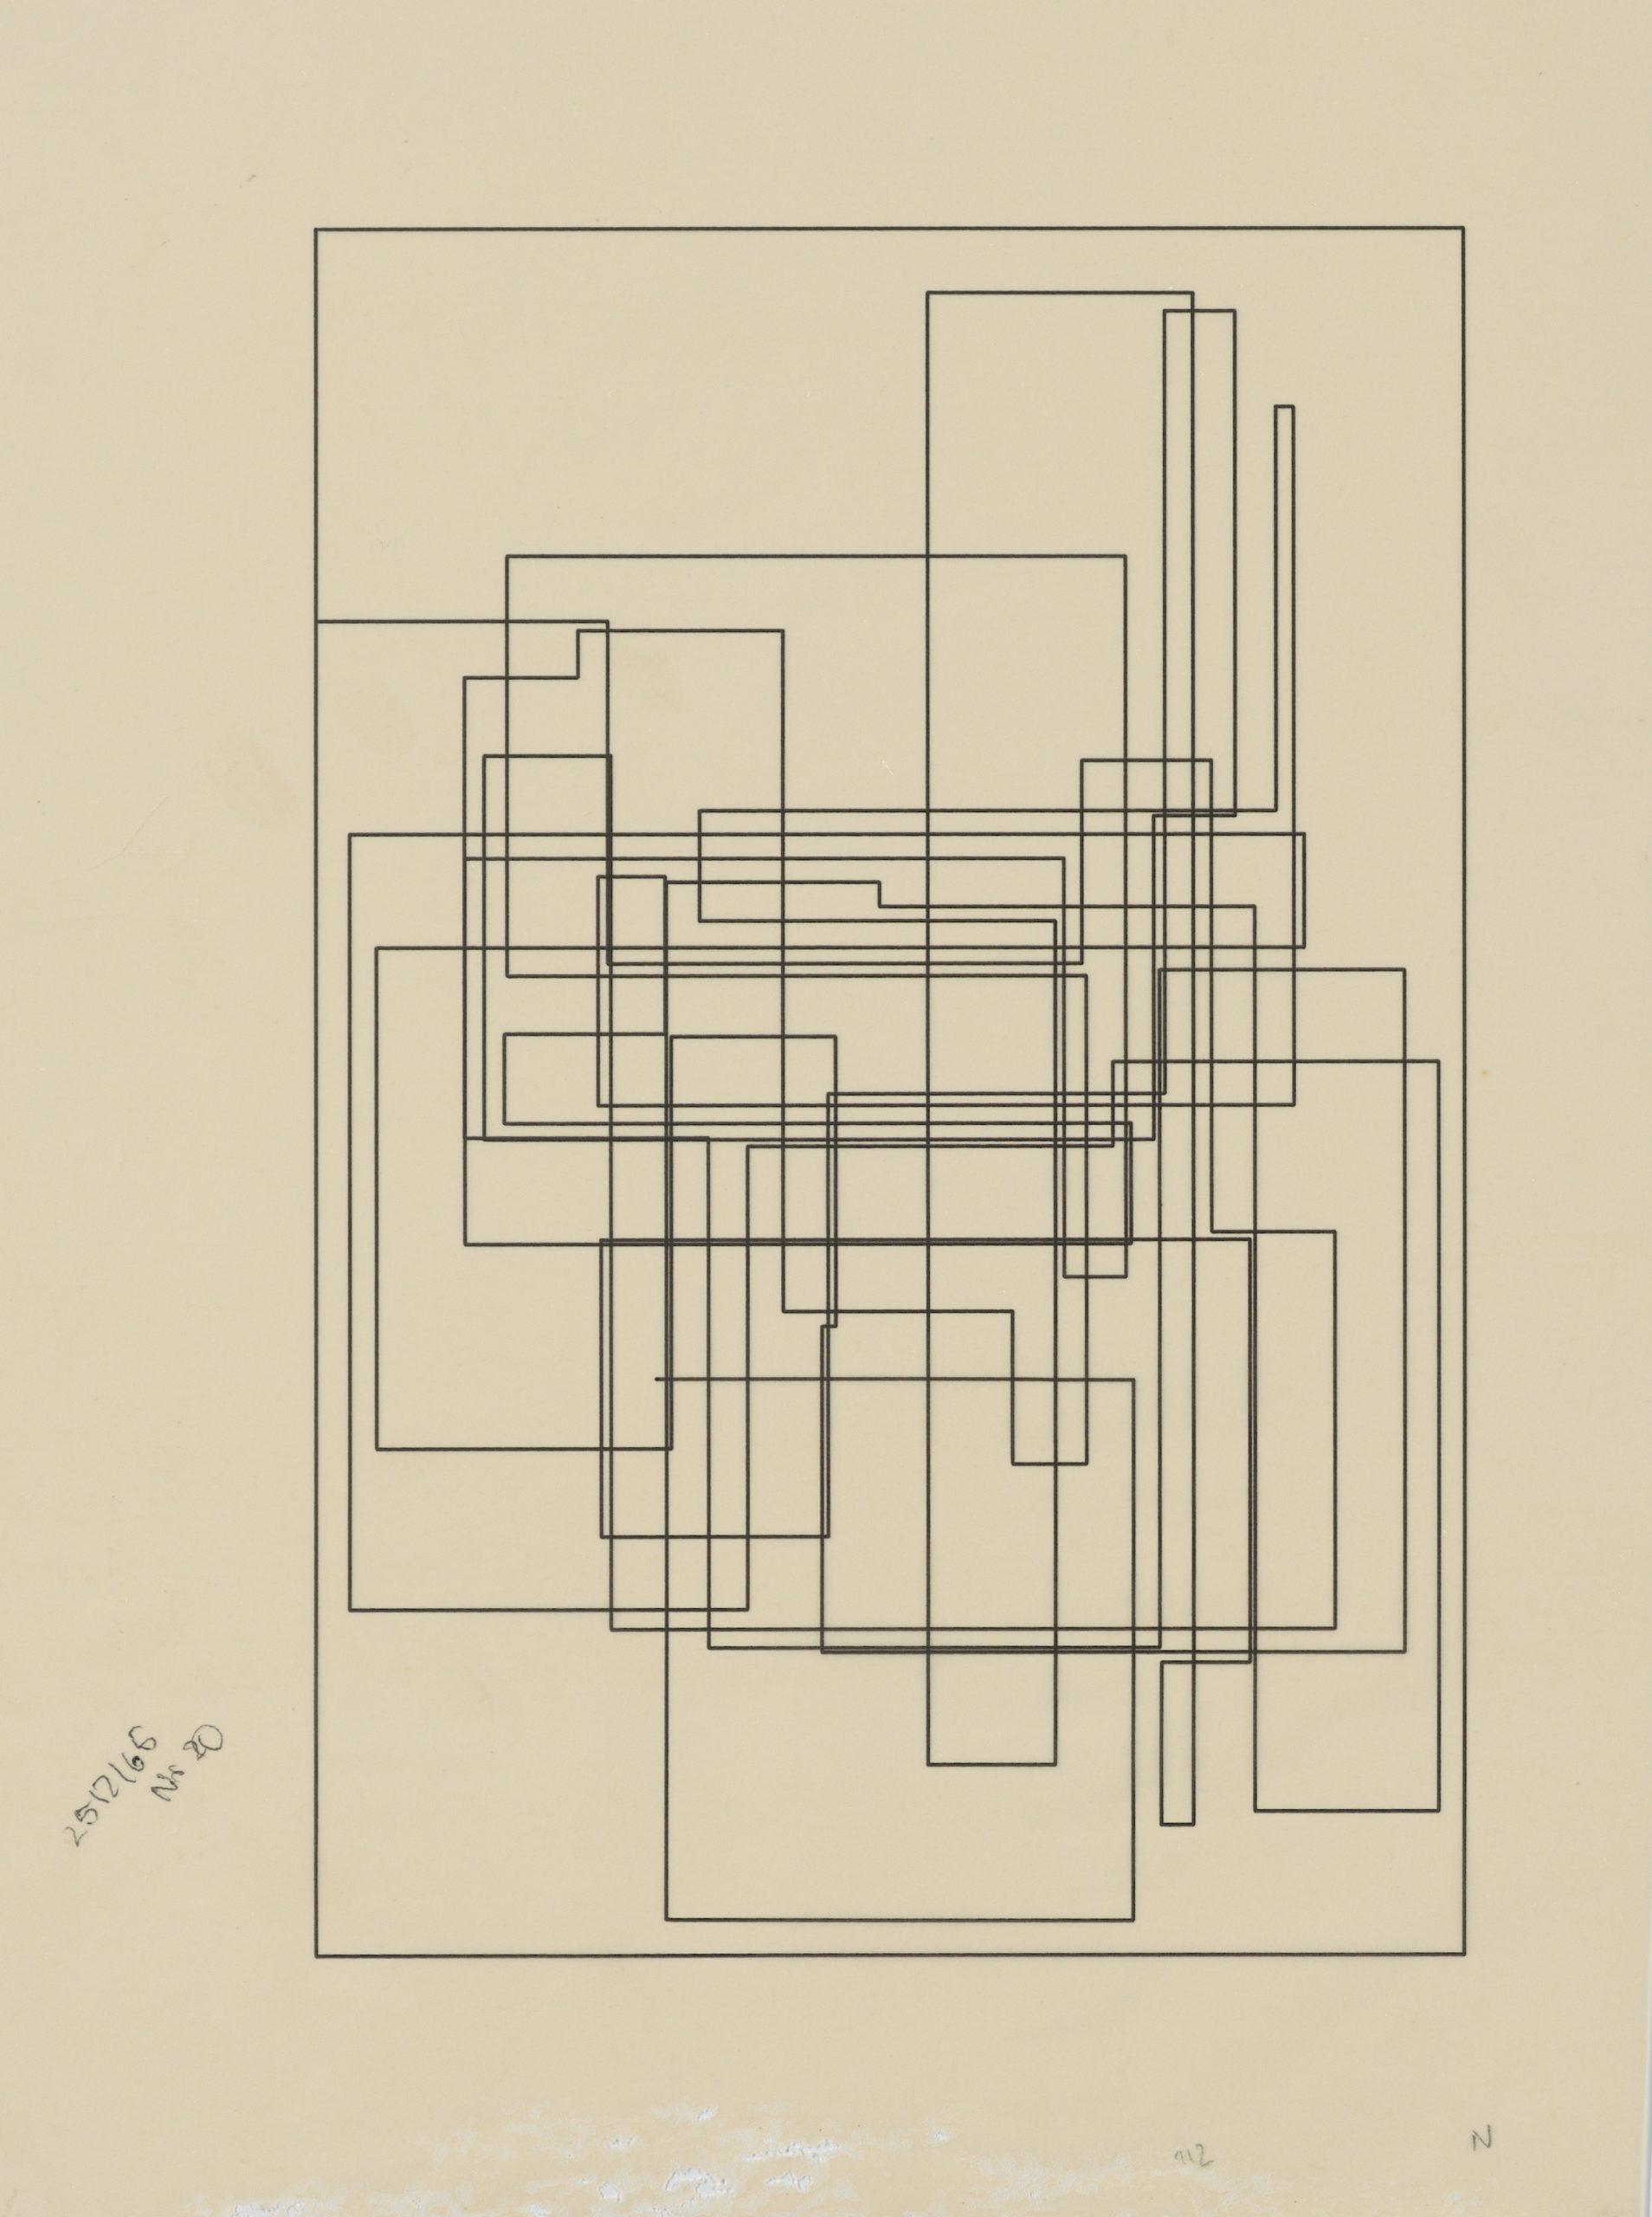 Frieder Nake, Plotterzeichnung, Tinte auf Papier, das Papier ist im unteren Bereich beschädigt, ausserhalb der Zeichnung, 30 x 20 cm, 1965, Preis: 3 500 Euro